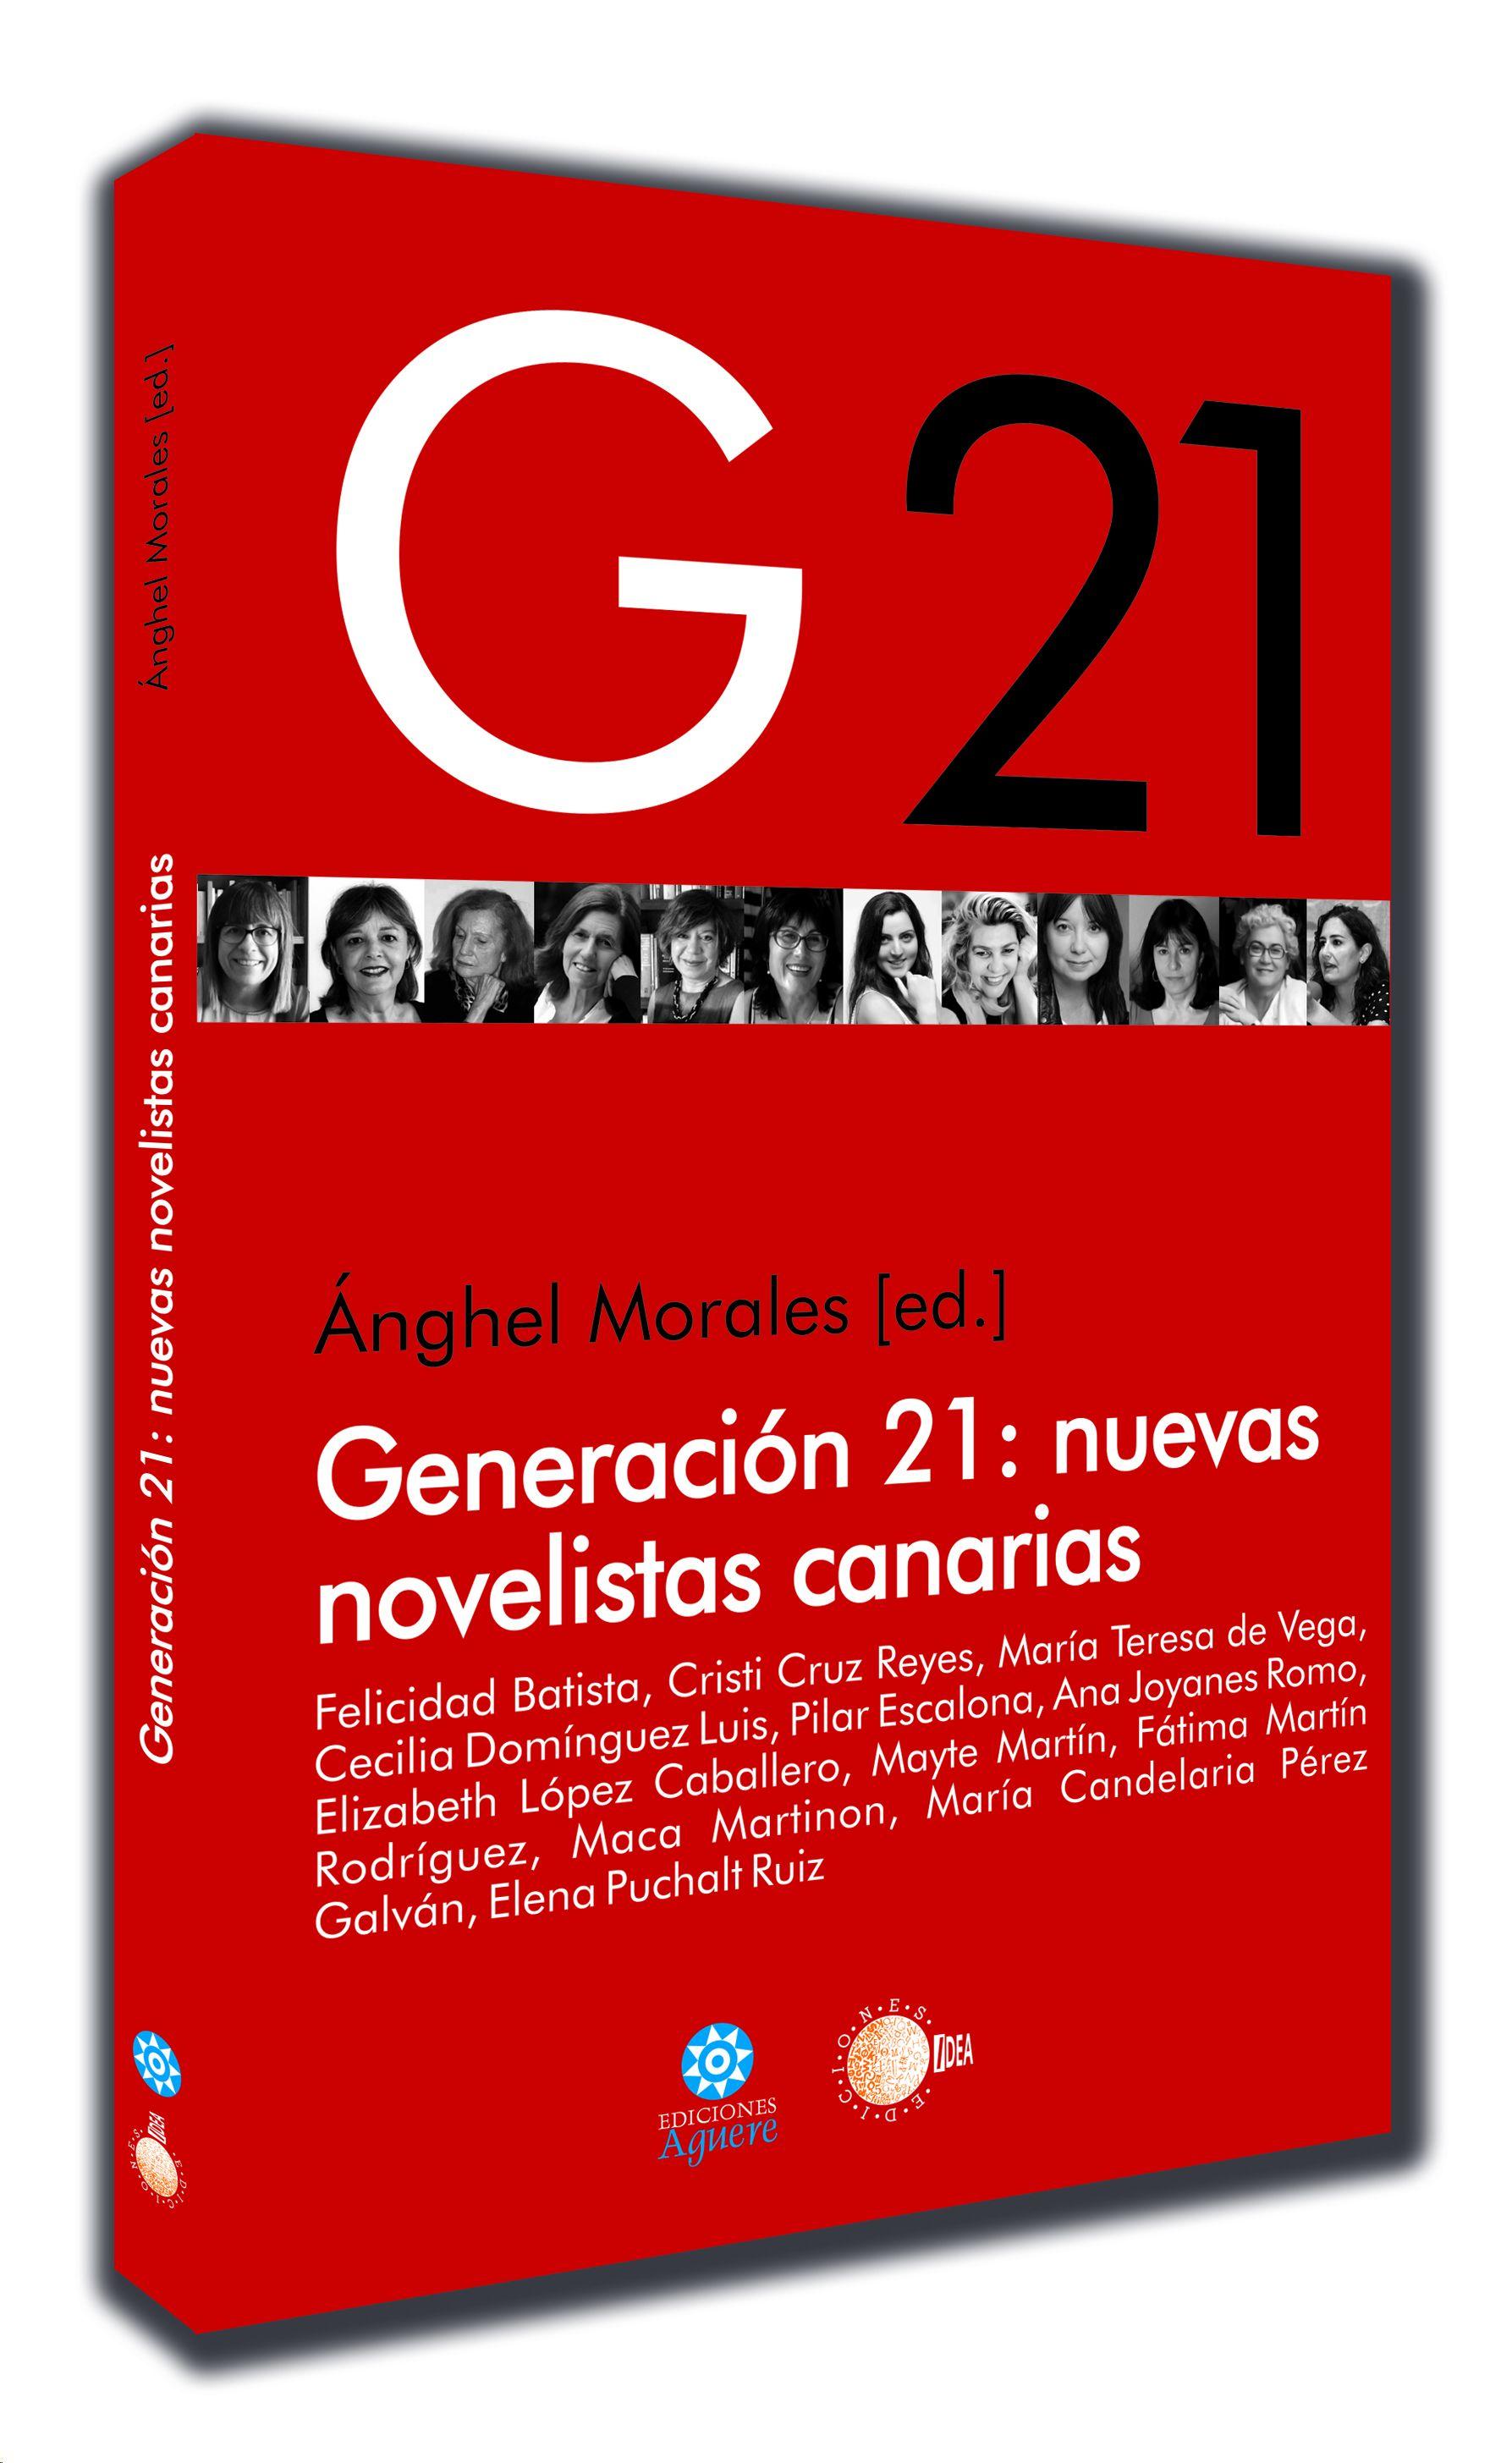 Portada del libro Generación 21 nuevas novelistas canarias